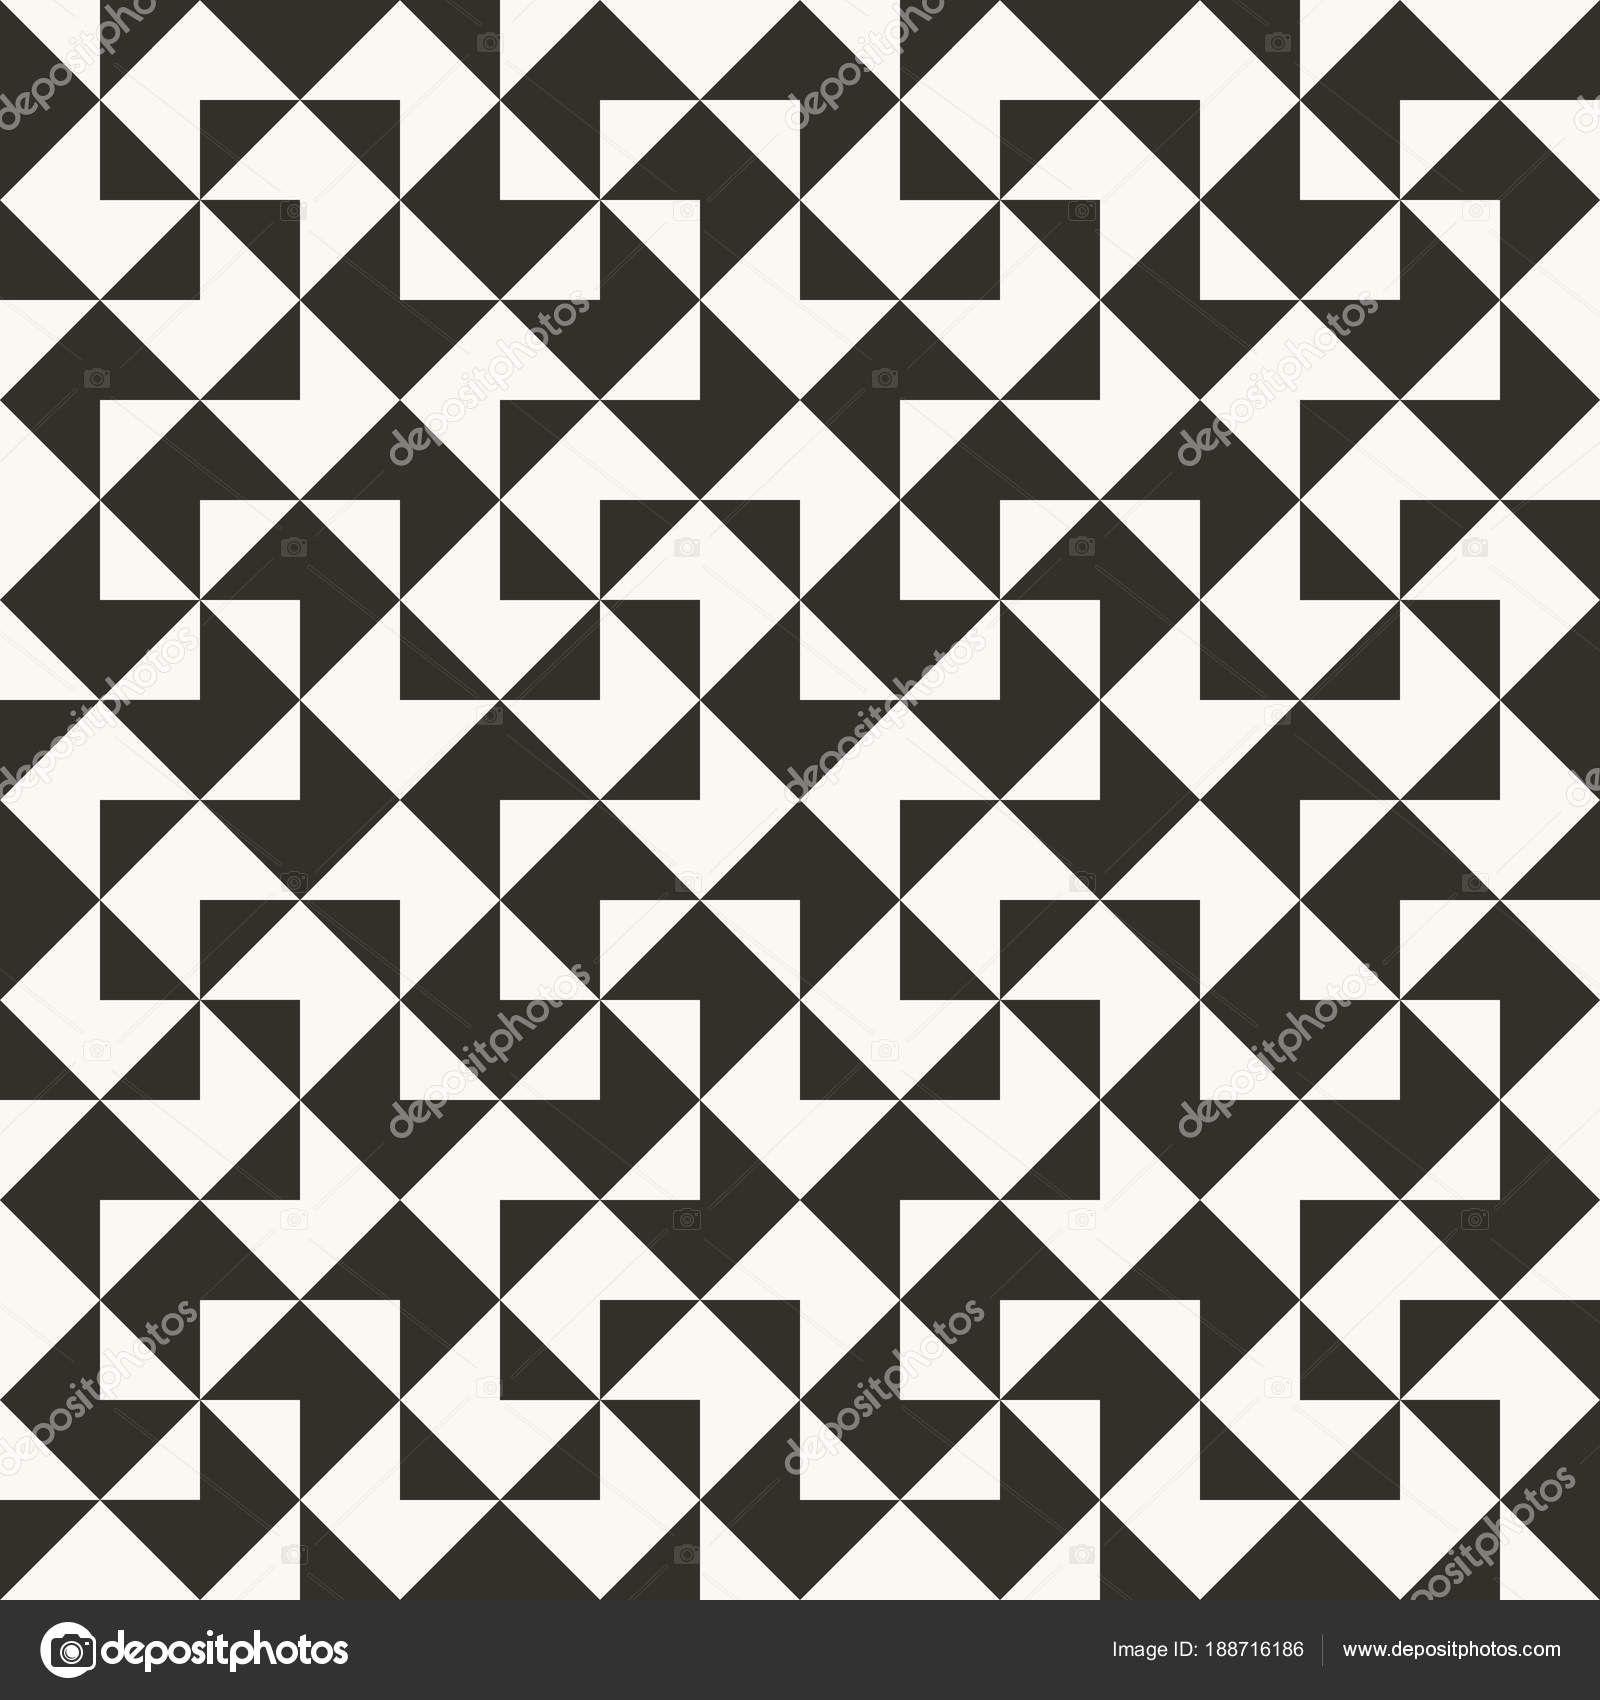 Disegni Geometrici Bianco E Nero risultati immagini per disegni geometrici bianco e nero